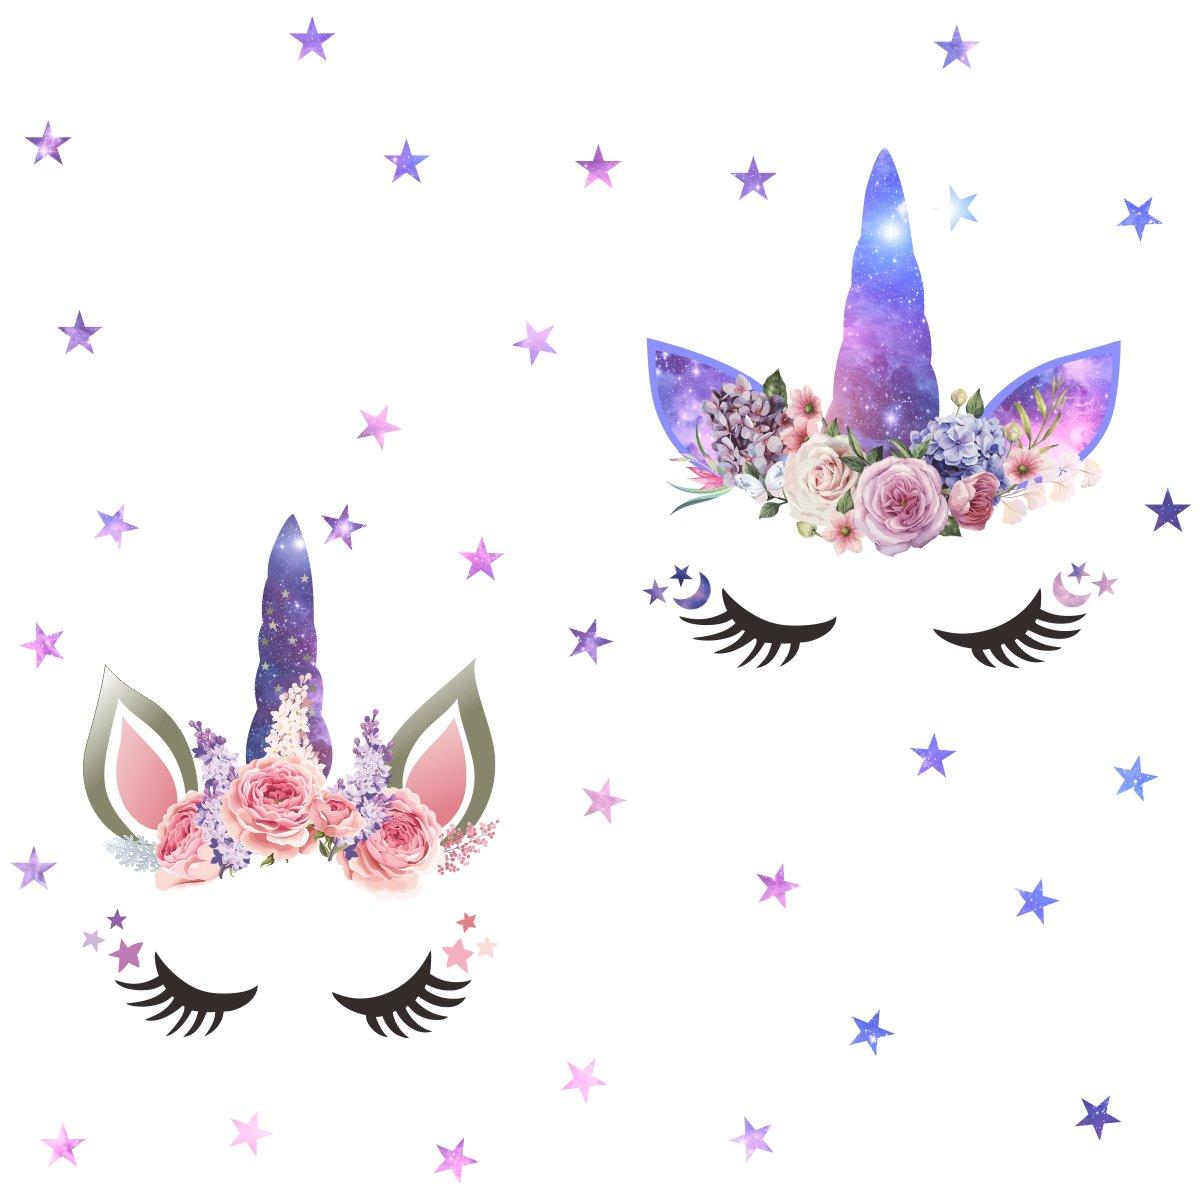 Vinilo Decorativo Pared [7DRQCQBY] unicornio